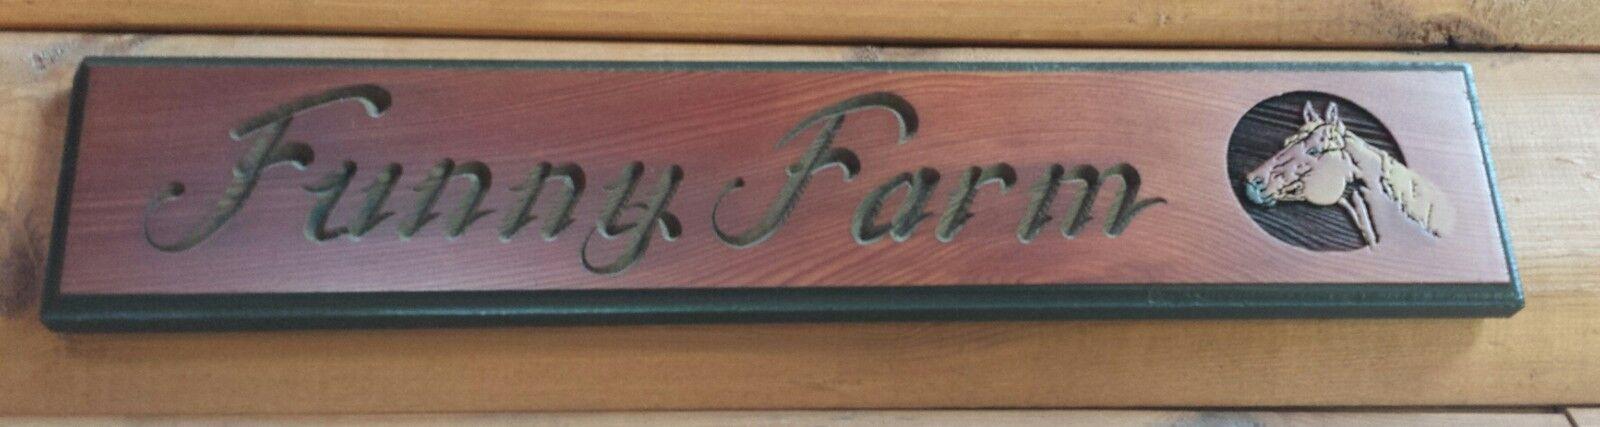 FunnyFarm Shop